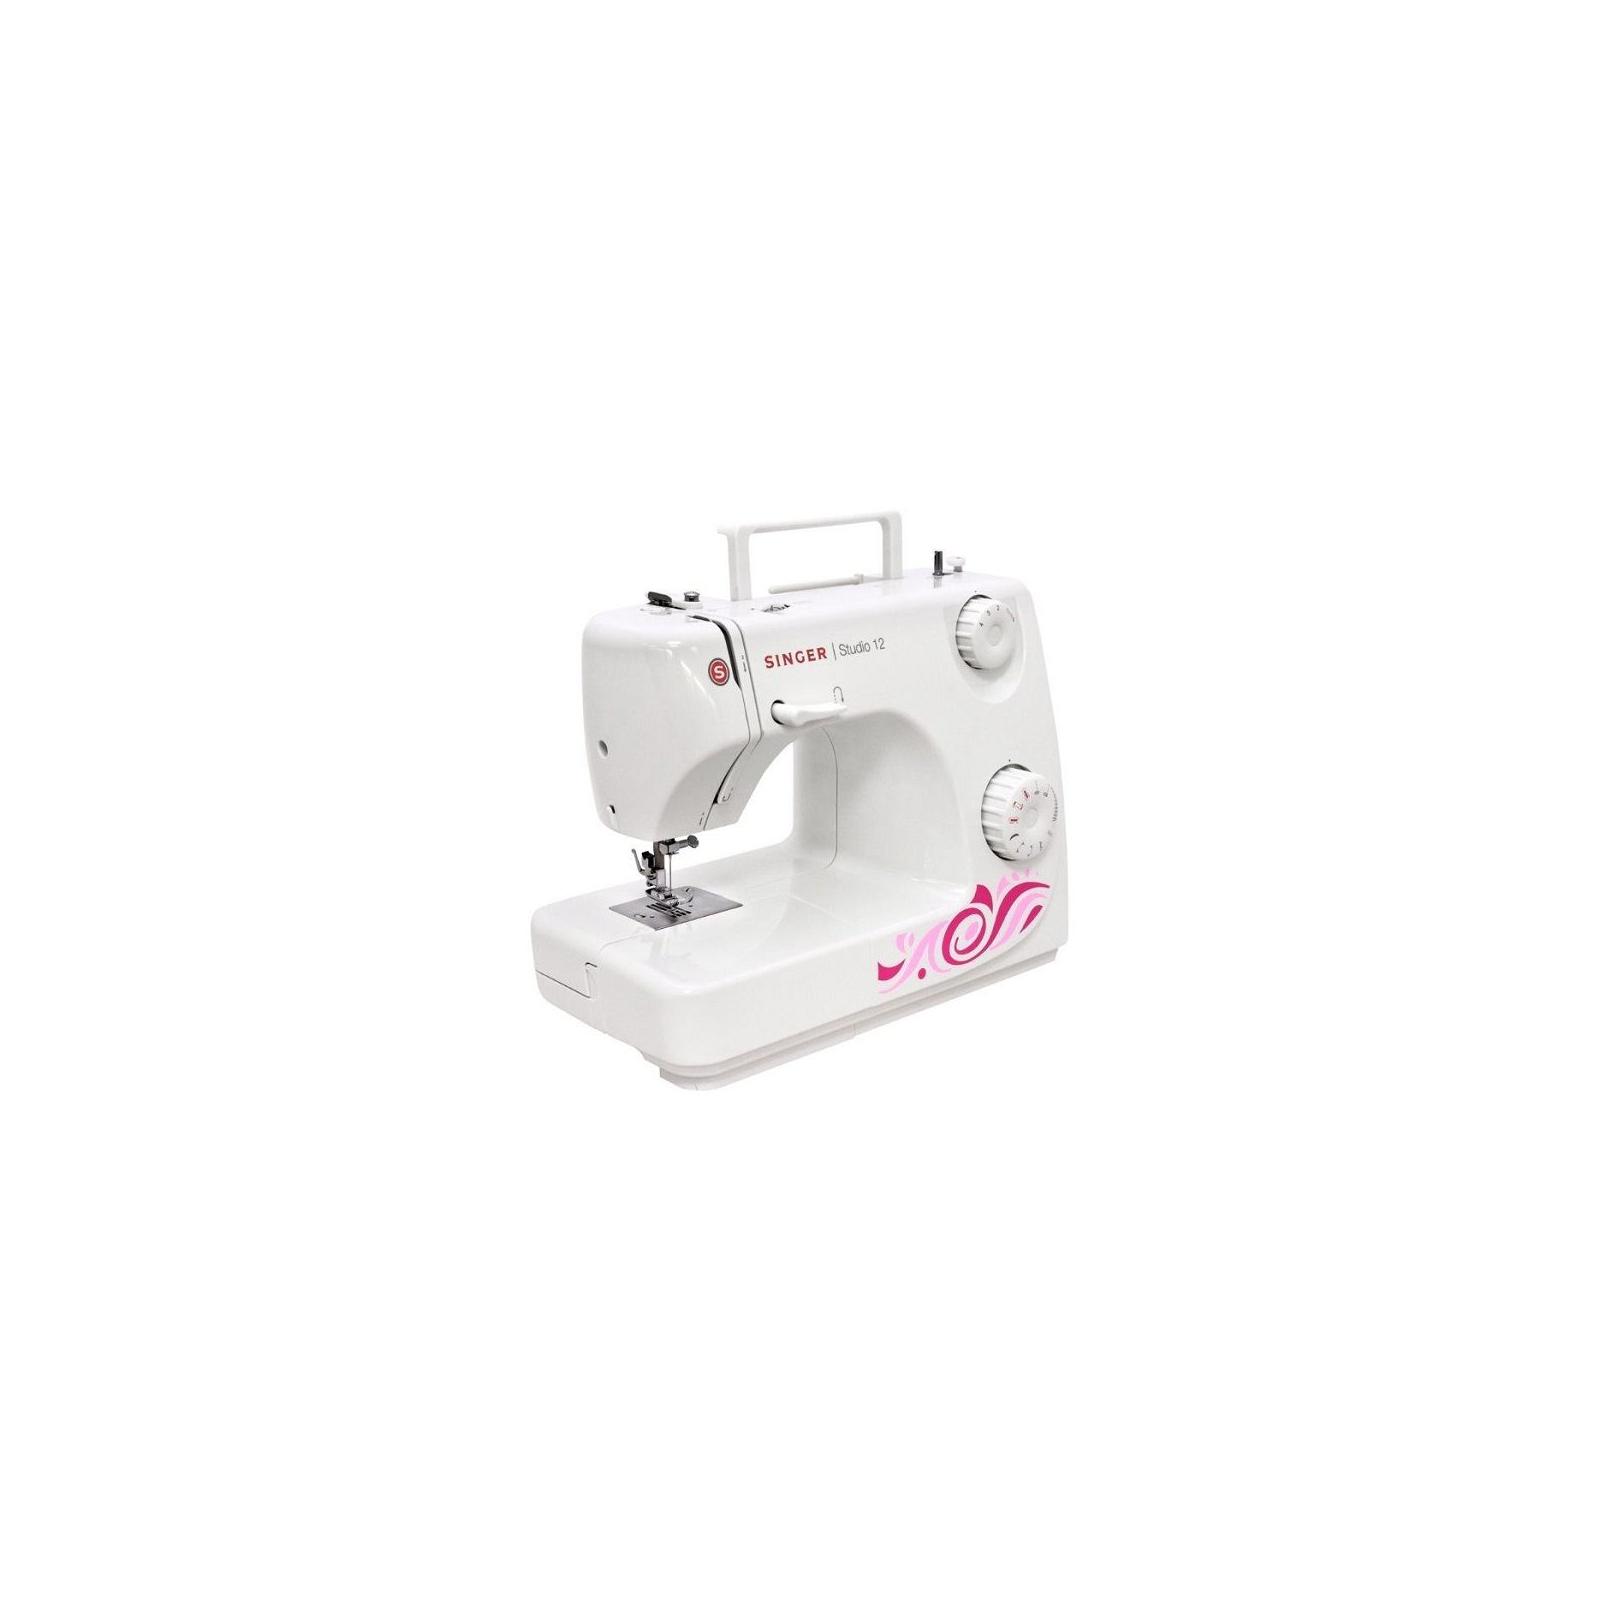 Швейна машина Singer Studio 12 (Studio12)